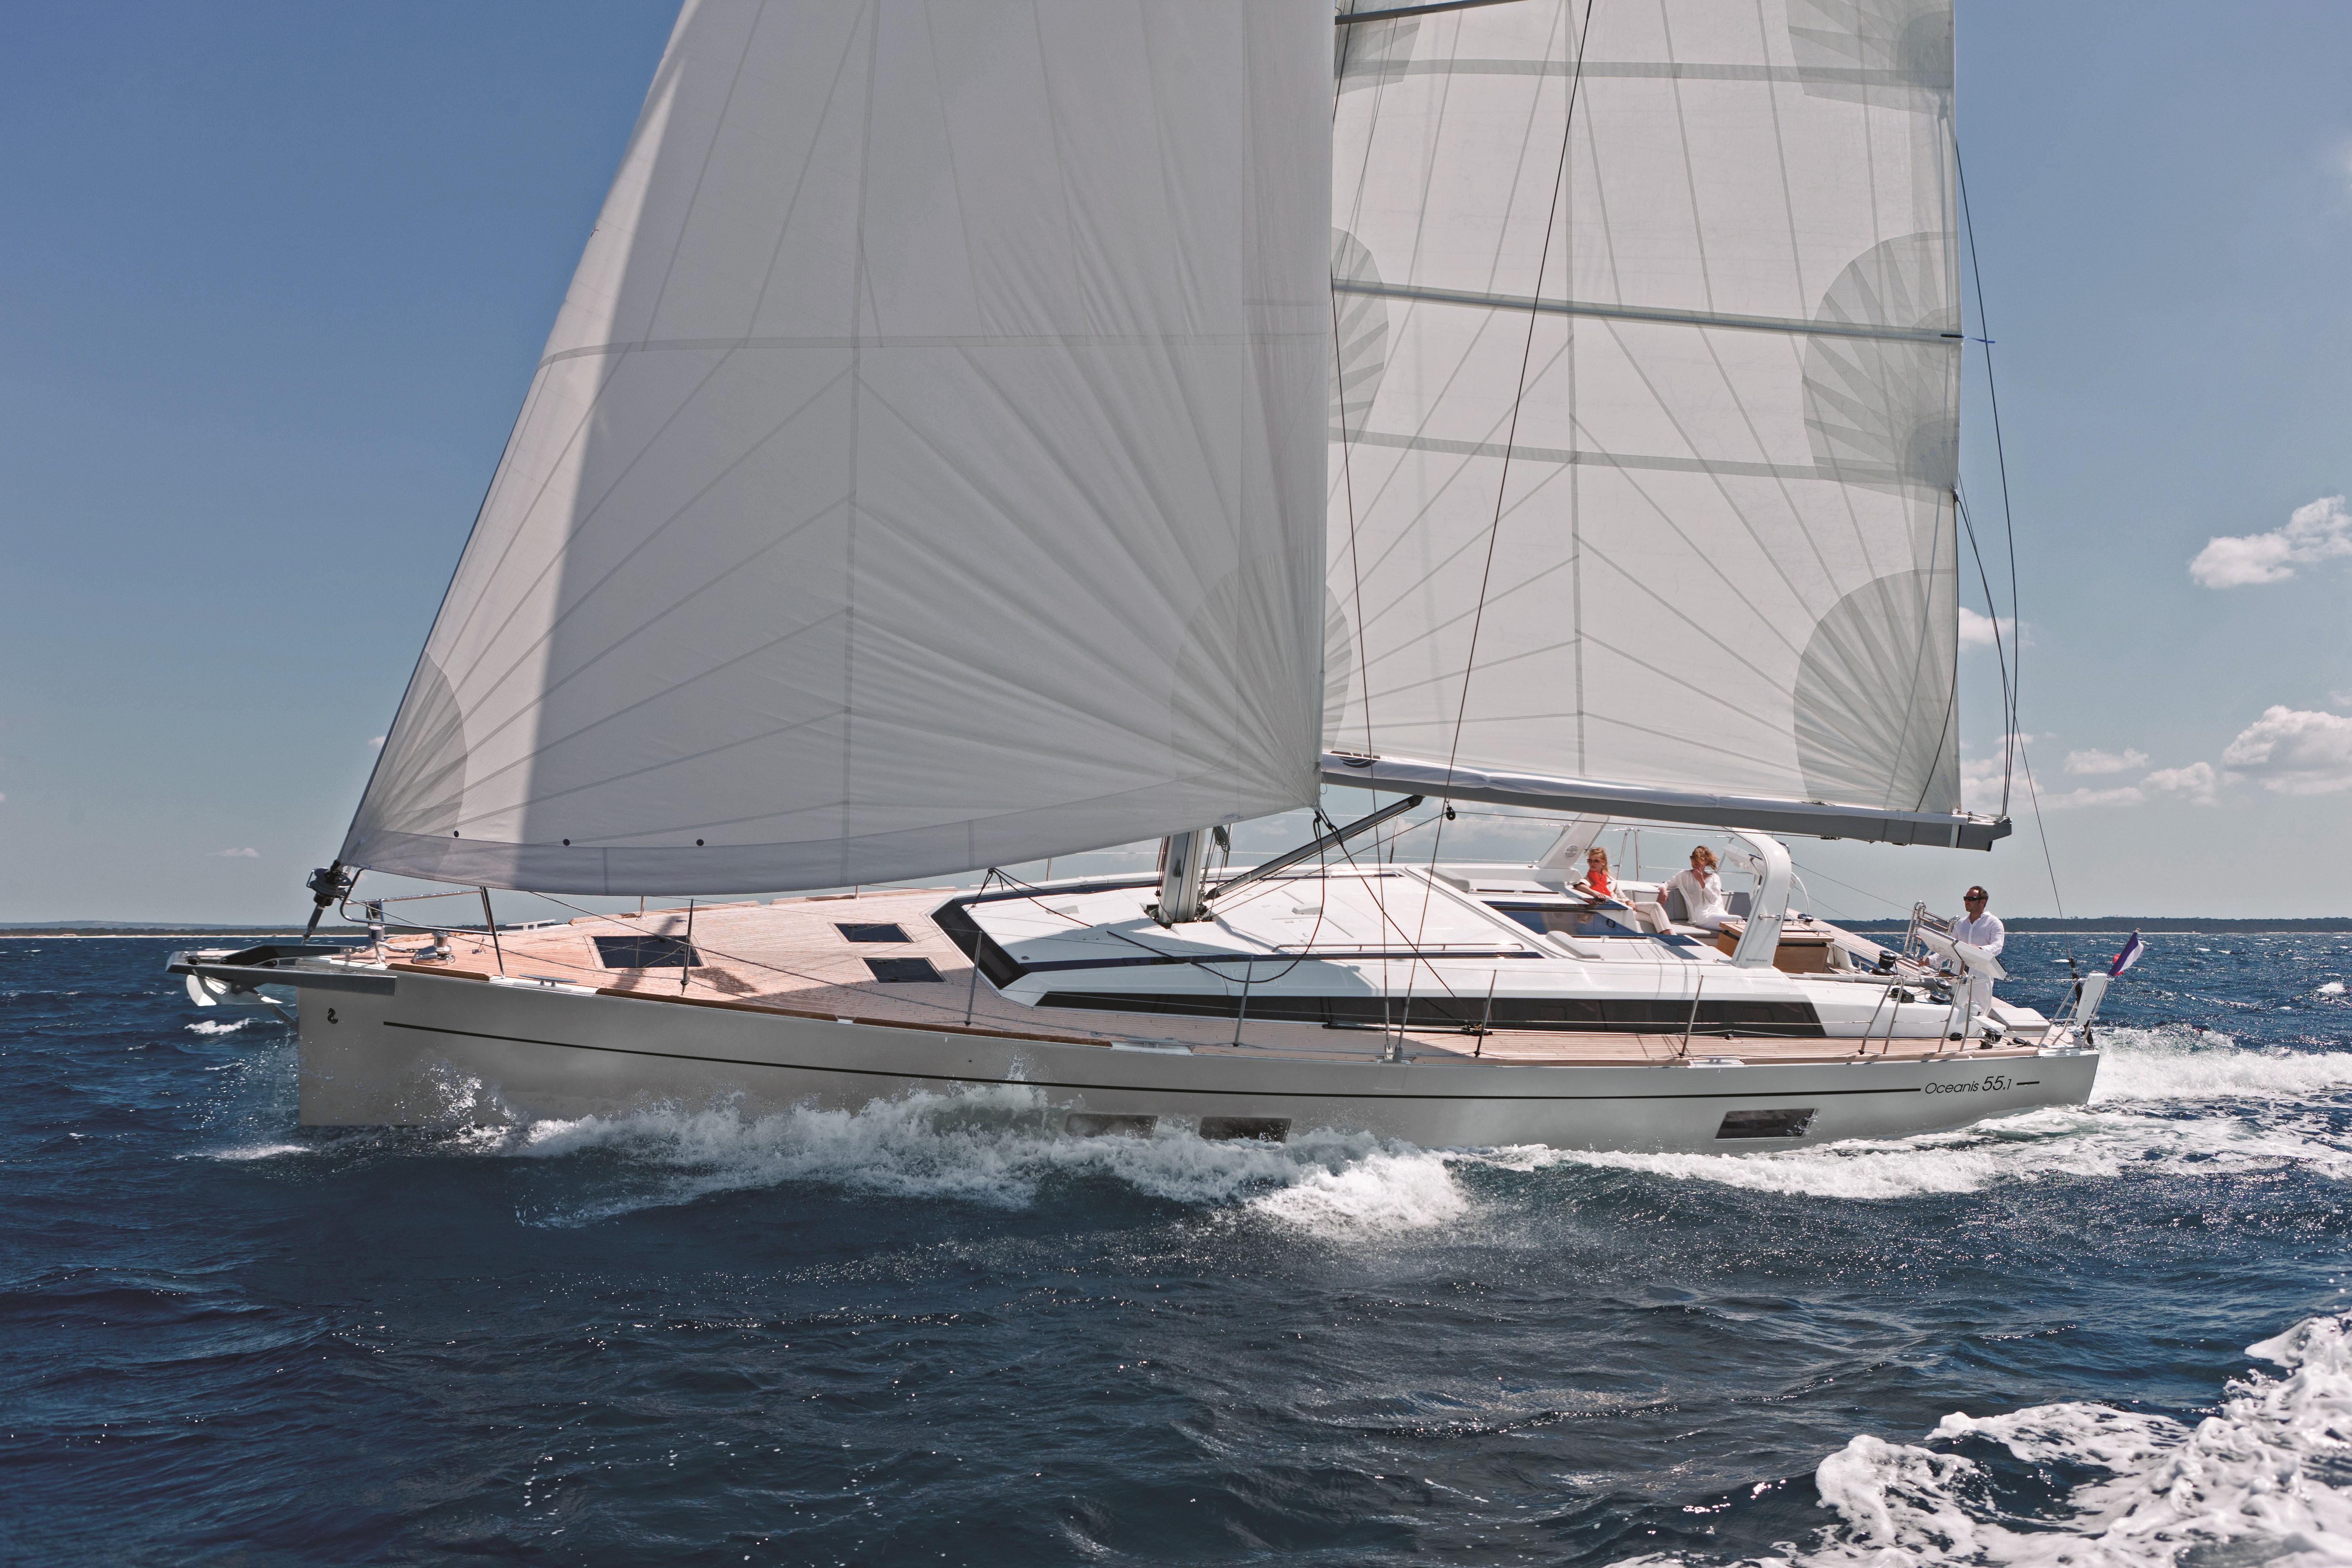 Beneteau Oceanis 55.1 Beneteau Oceanis 55.1 Sailing